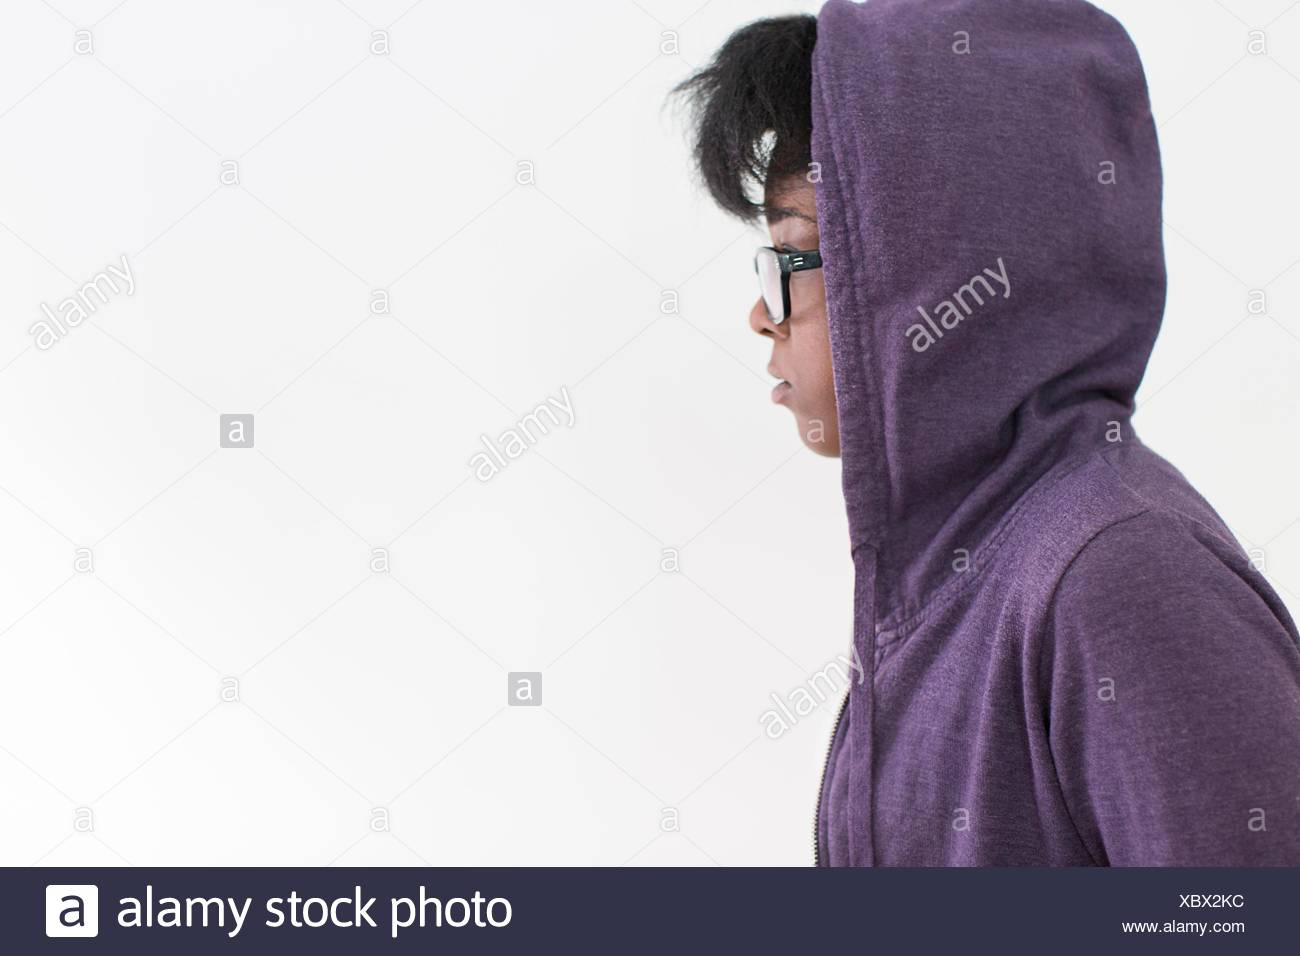 Studio profile portrait of young woman wearing hoody - Stock Image